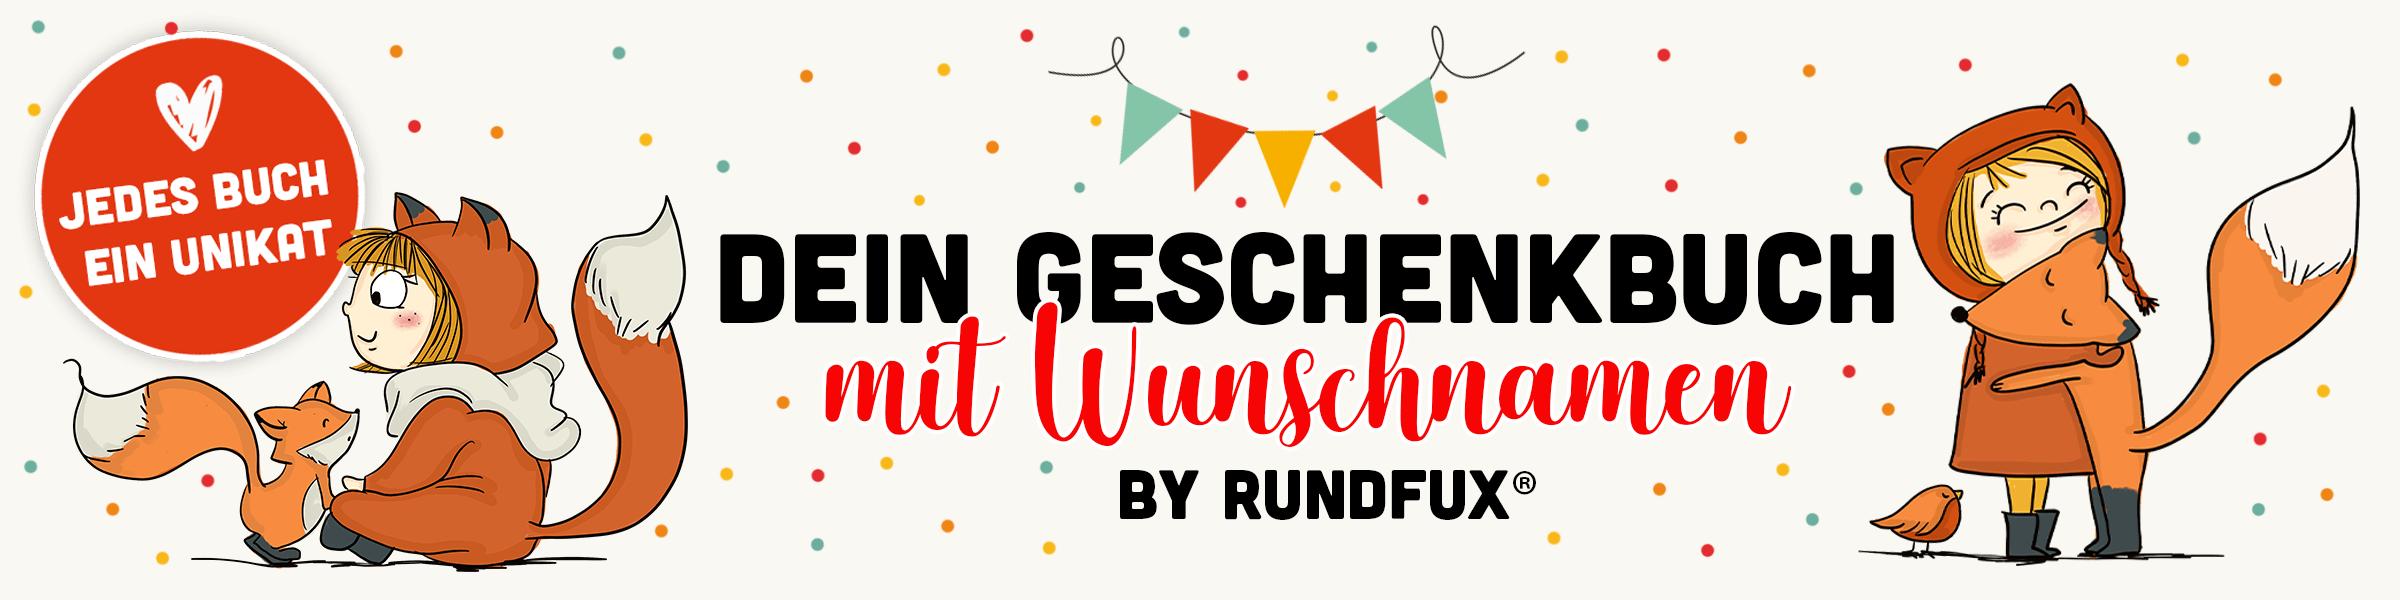 GEschenkbuch_RNDFXBaner